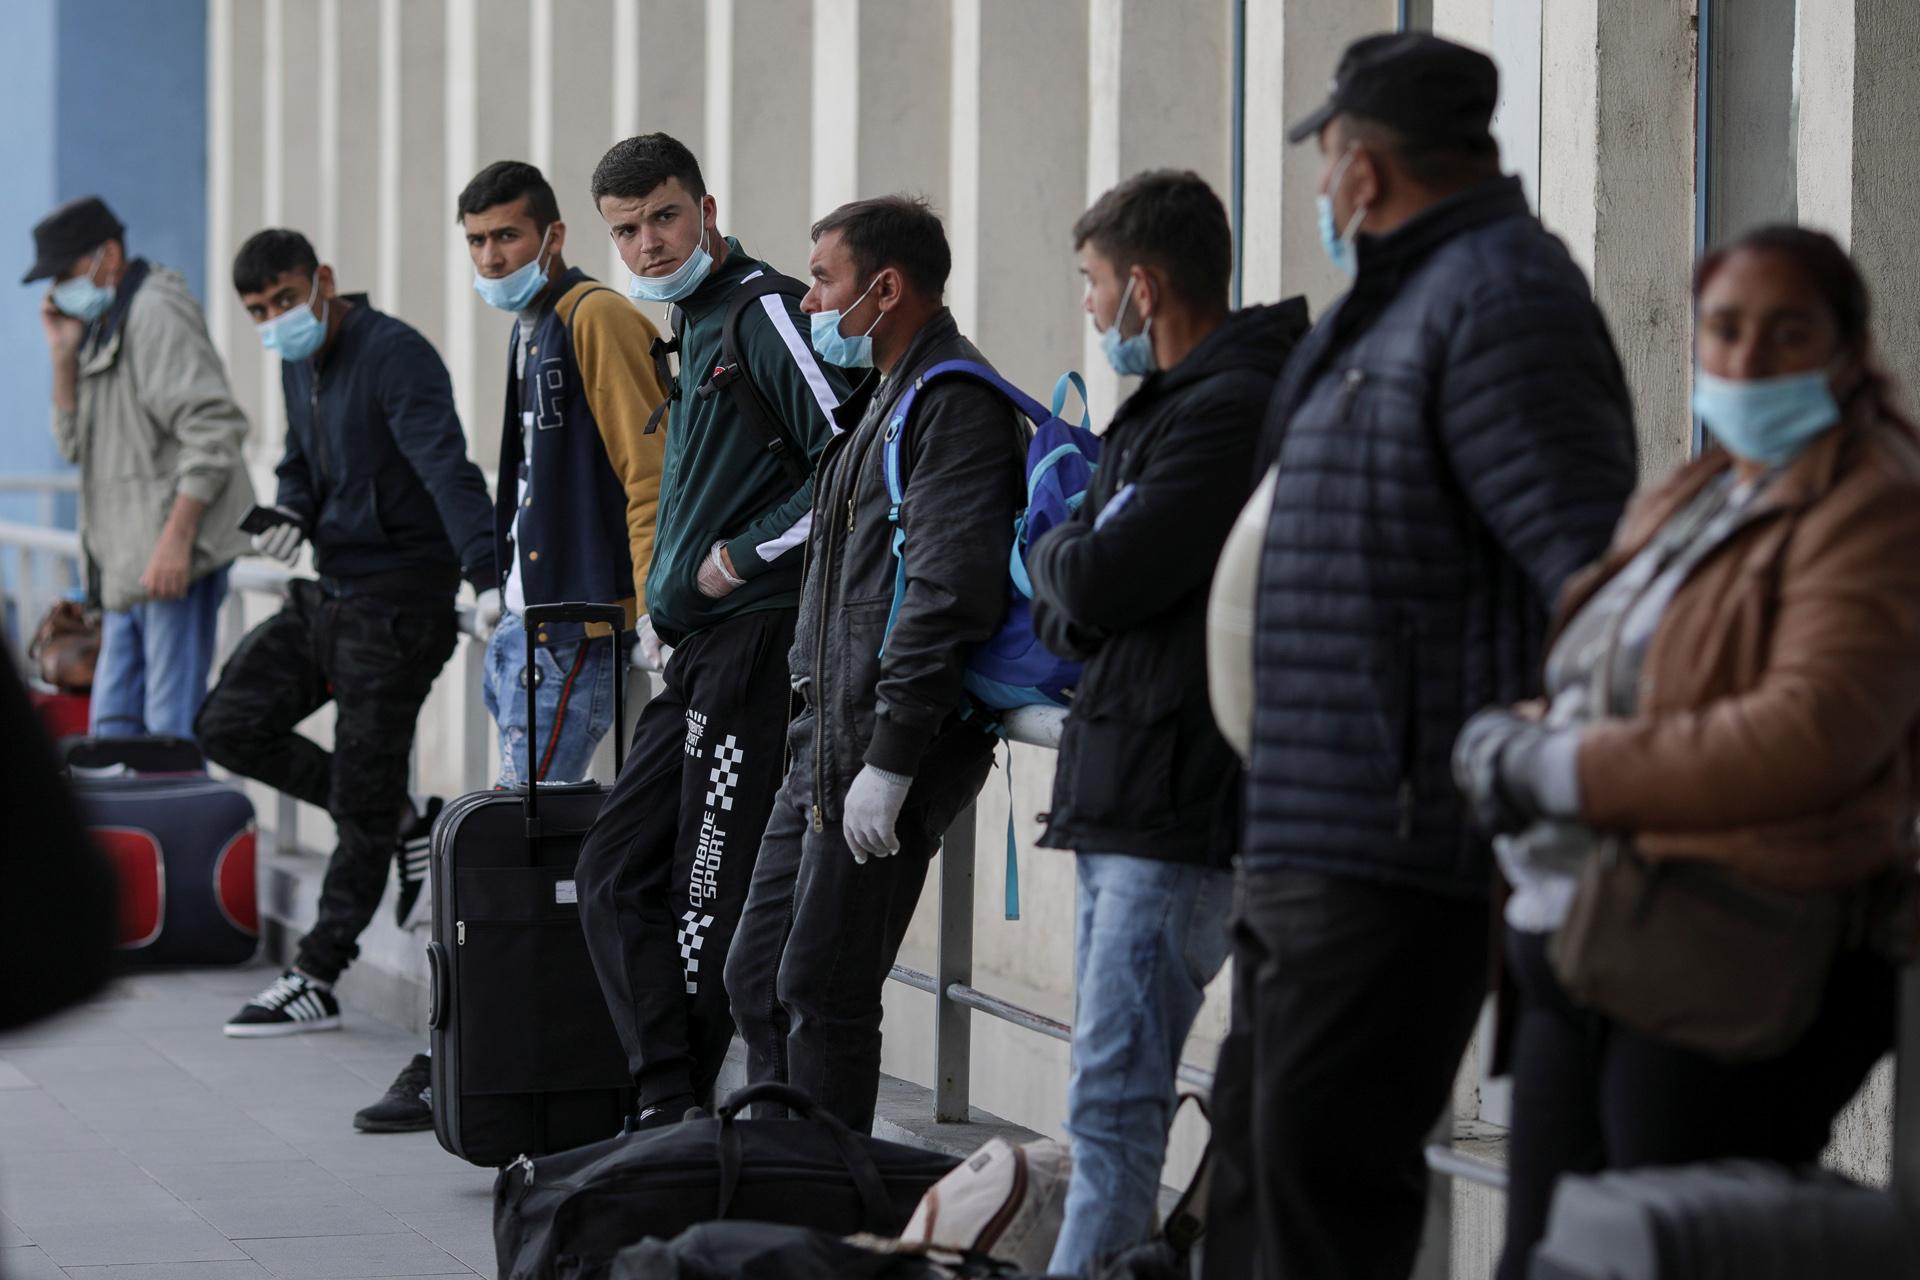 Πάνω από 50.000 Ευρωπαίοι εγκλωβισμένοι στο εξωτερικό λόγω κορονοϊού